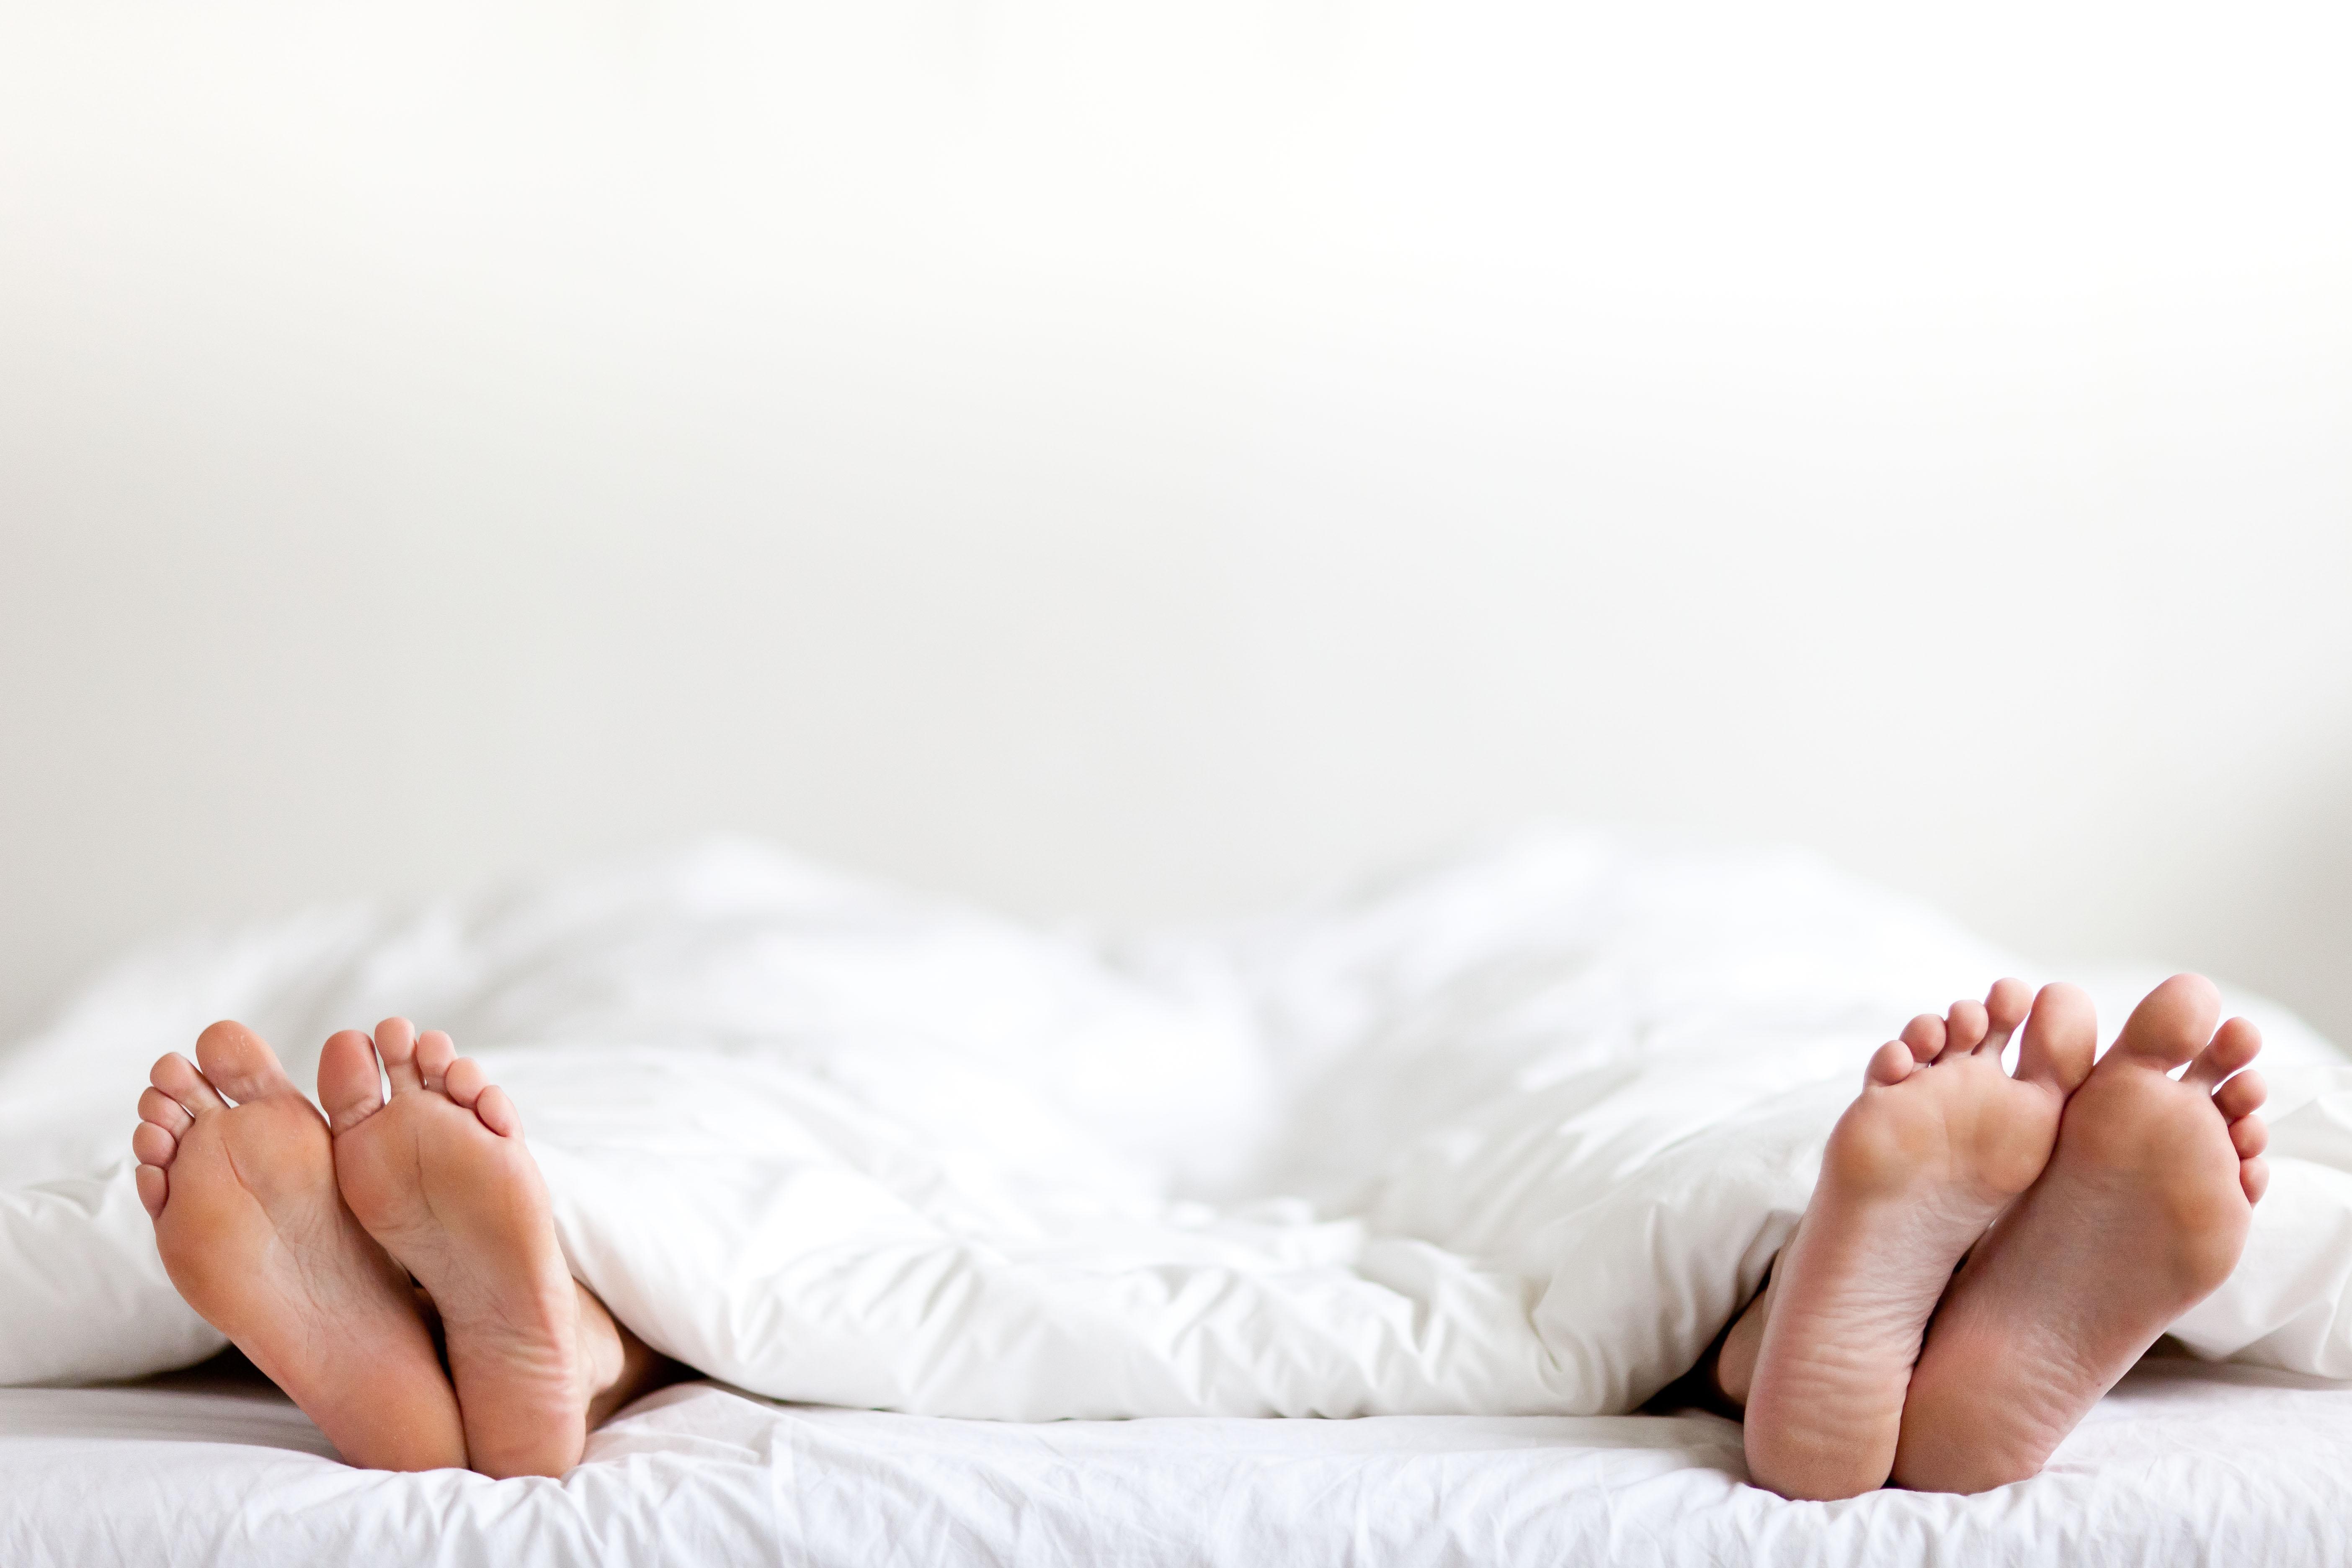 miért tűnik el az erekció egy közösülés után